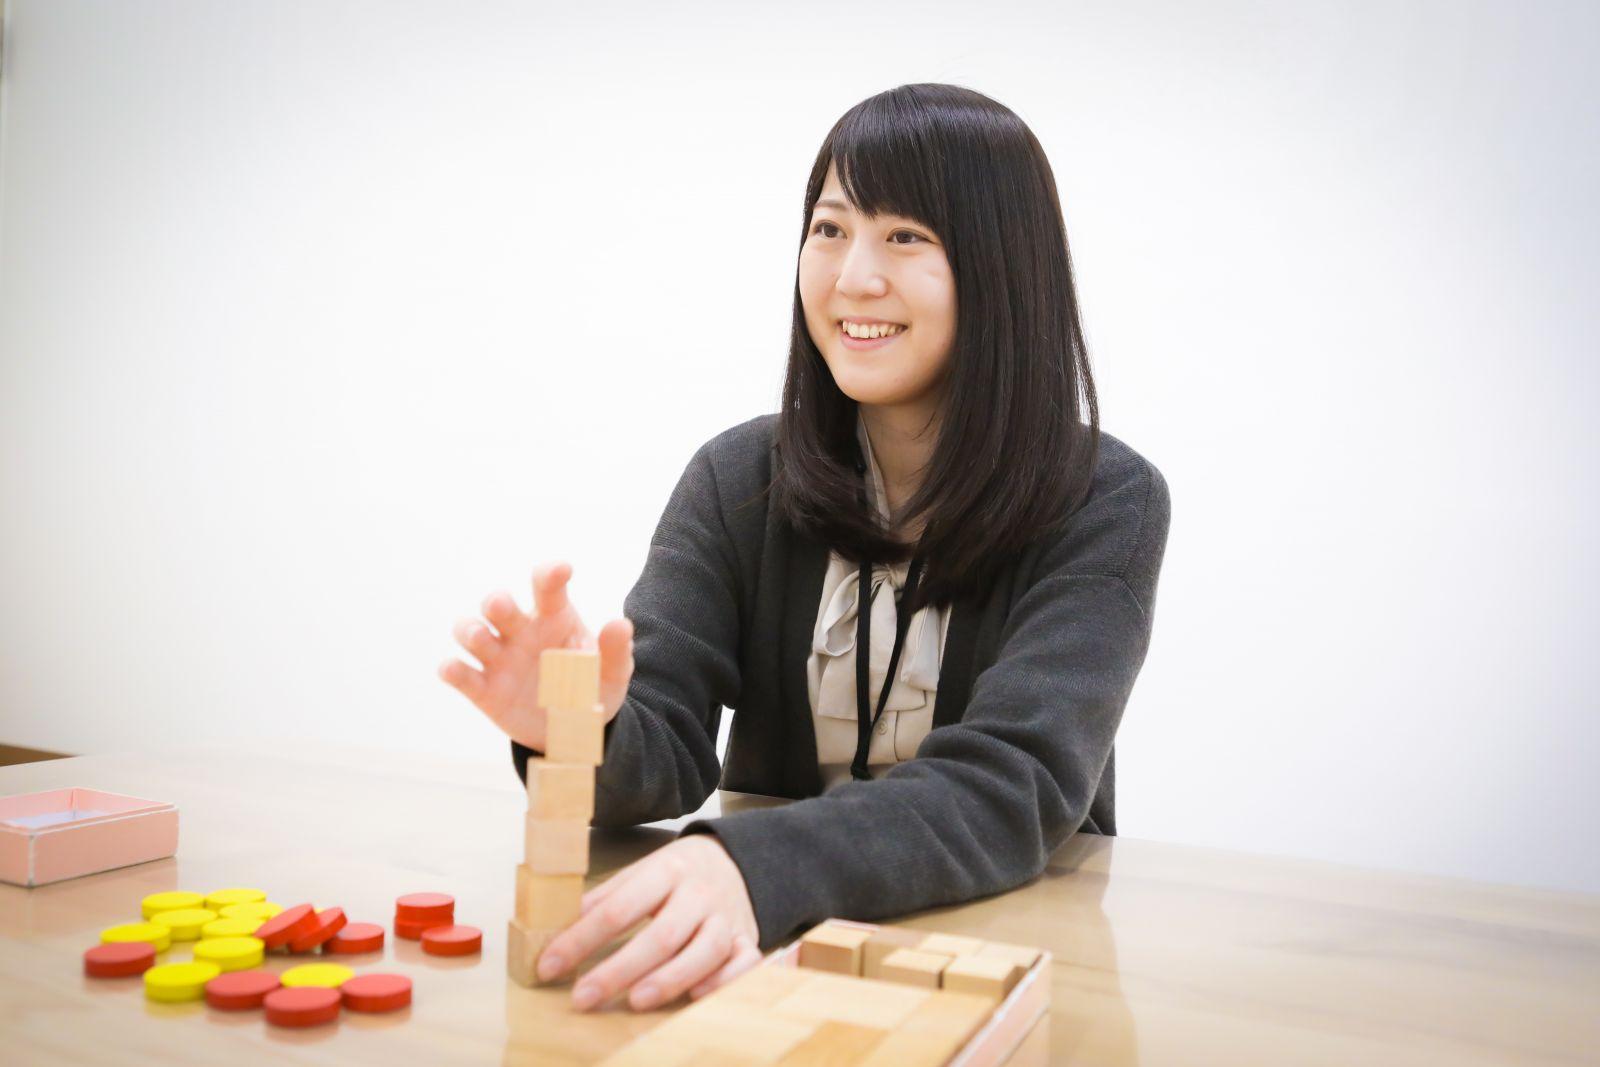 01/児童心理司 高橋実花さん 岩見沢児童相談所勤務